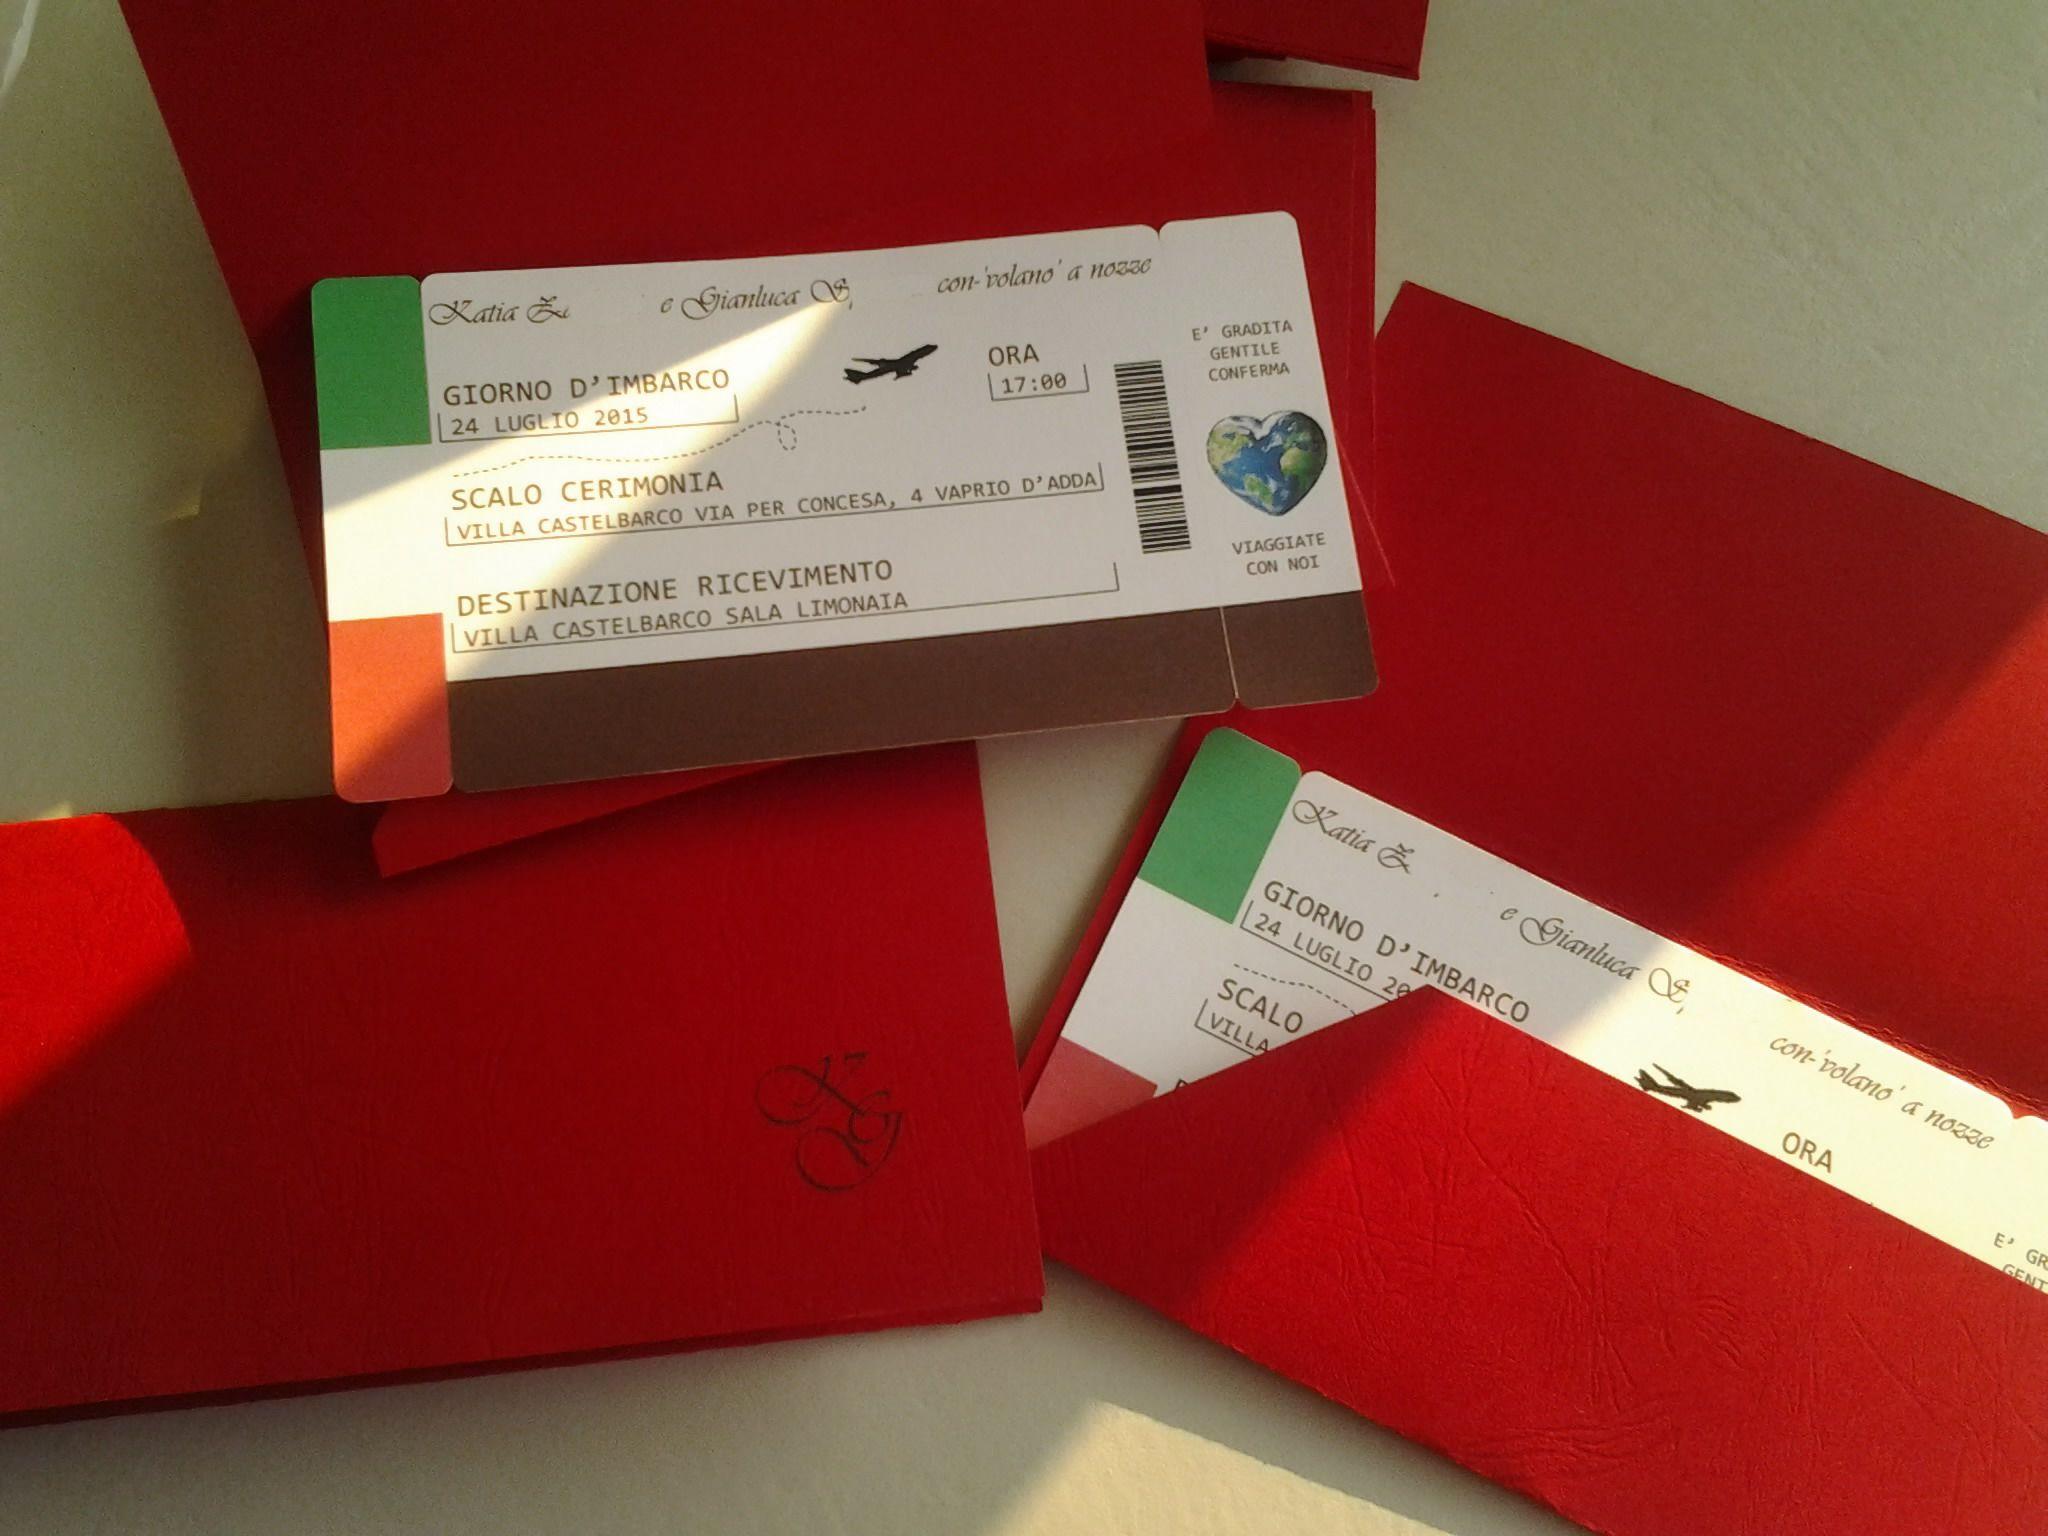 Partecipazioni Biglietto Aereo A Tema Viaggio Biglietti Aerei Partecipazione Viaggio